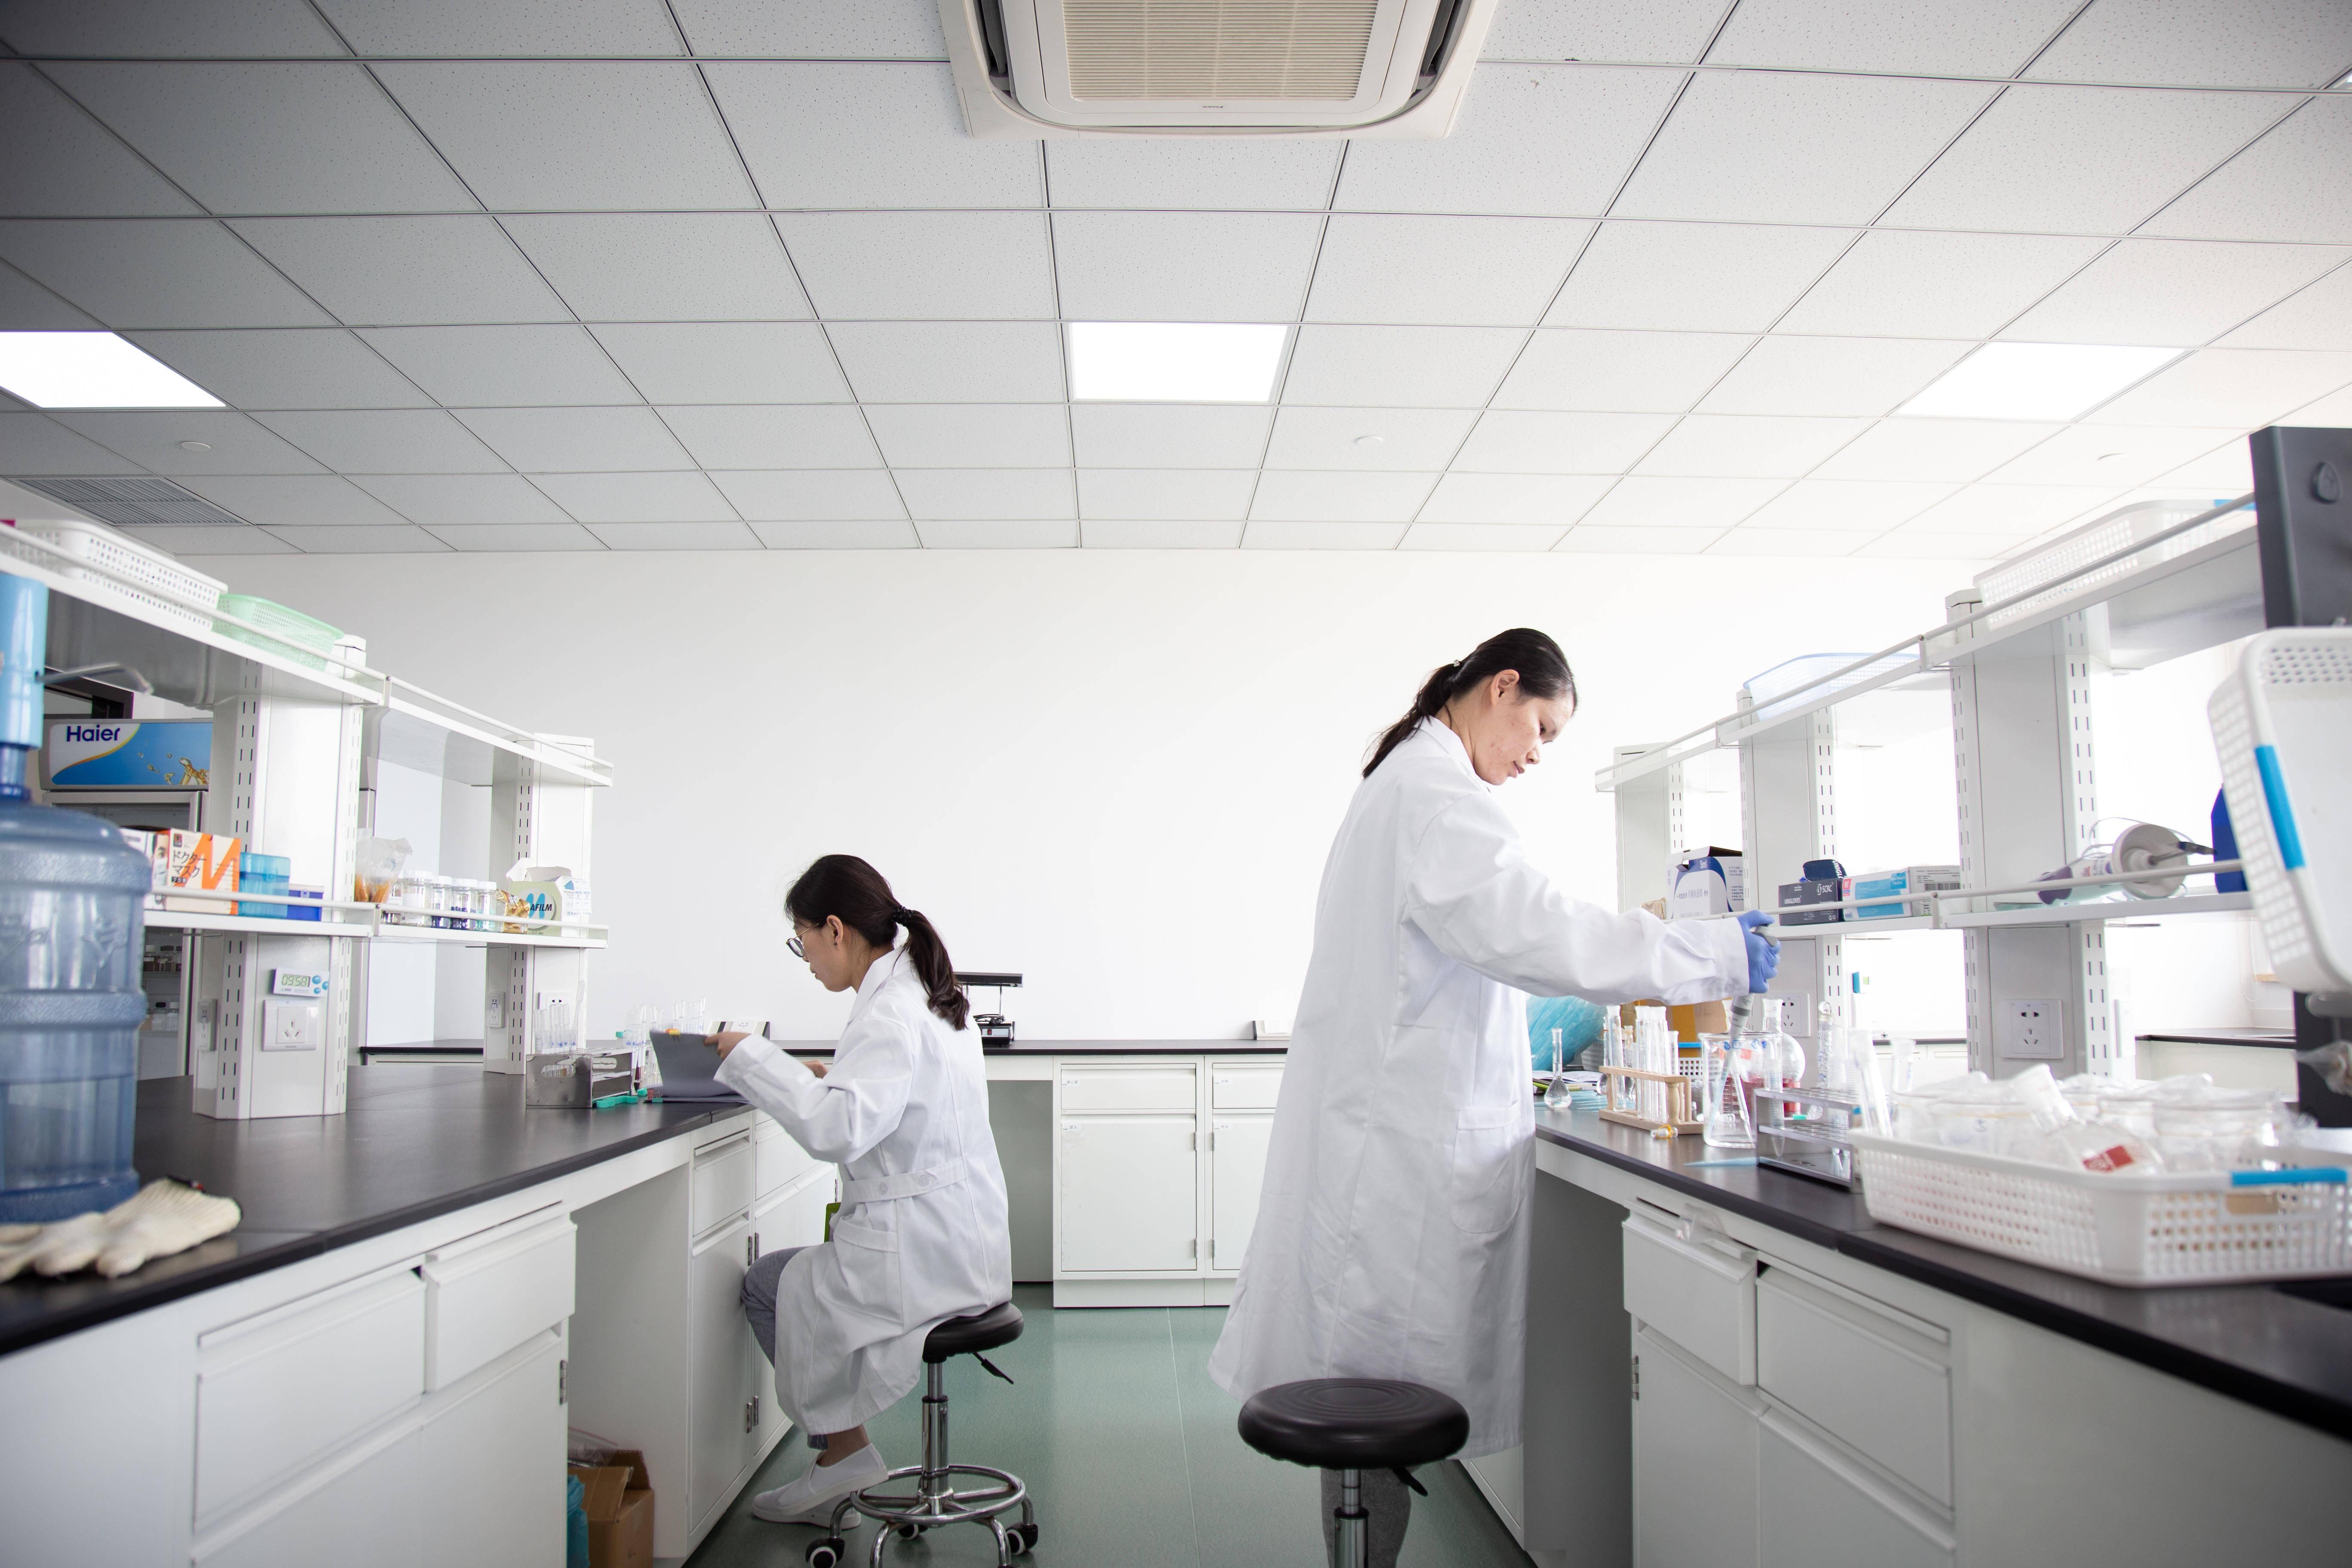 36氪首发 | 作为化妆品活性原料生产商,「珈凯生物」获数千万元融资